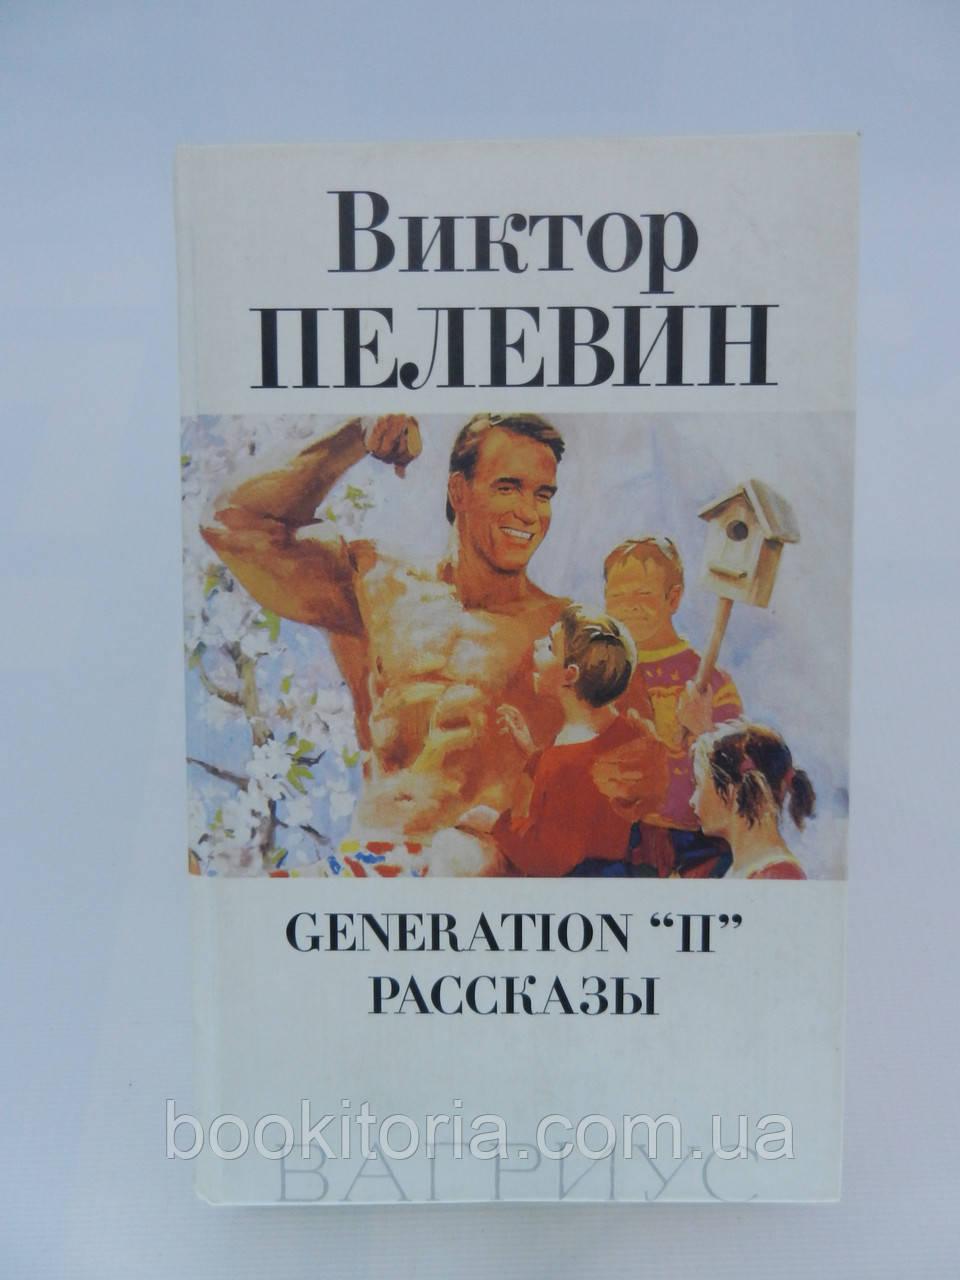 Пелевин В. Generation «П». Рассказы (б/у).